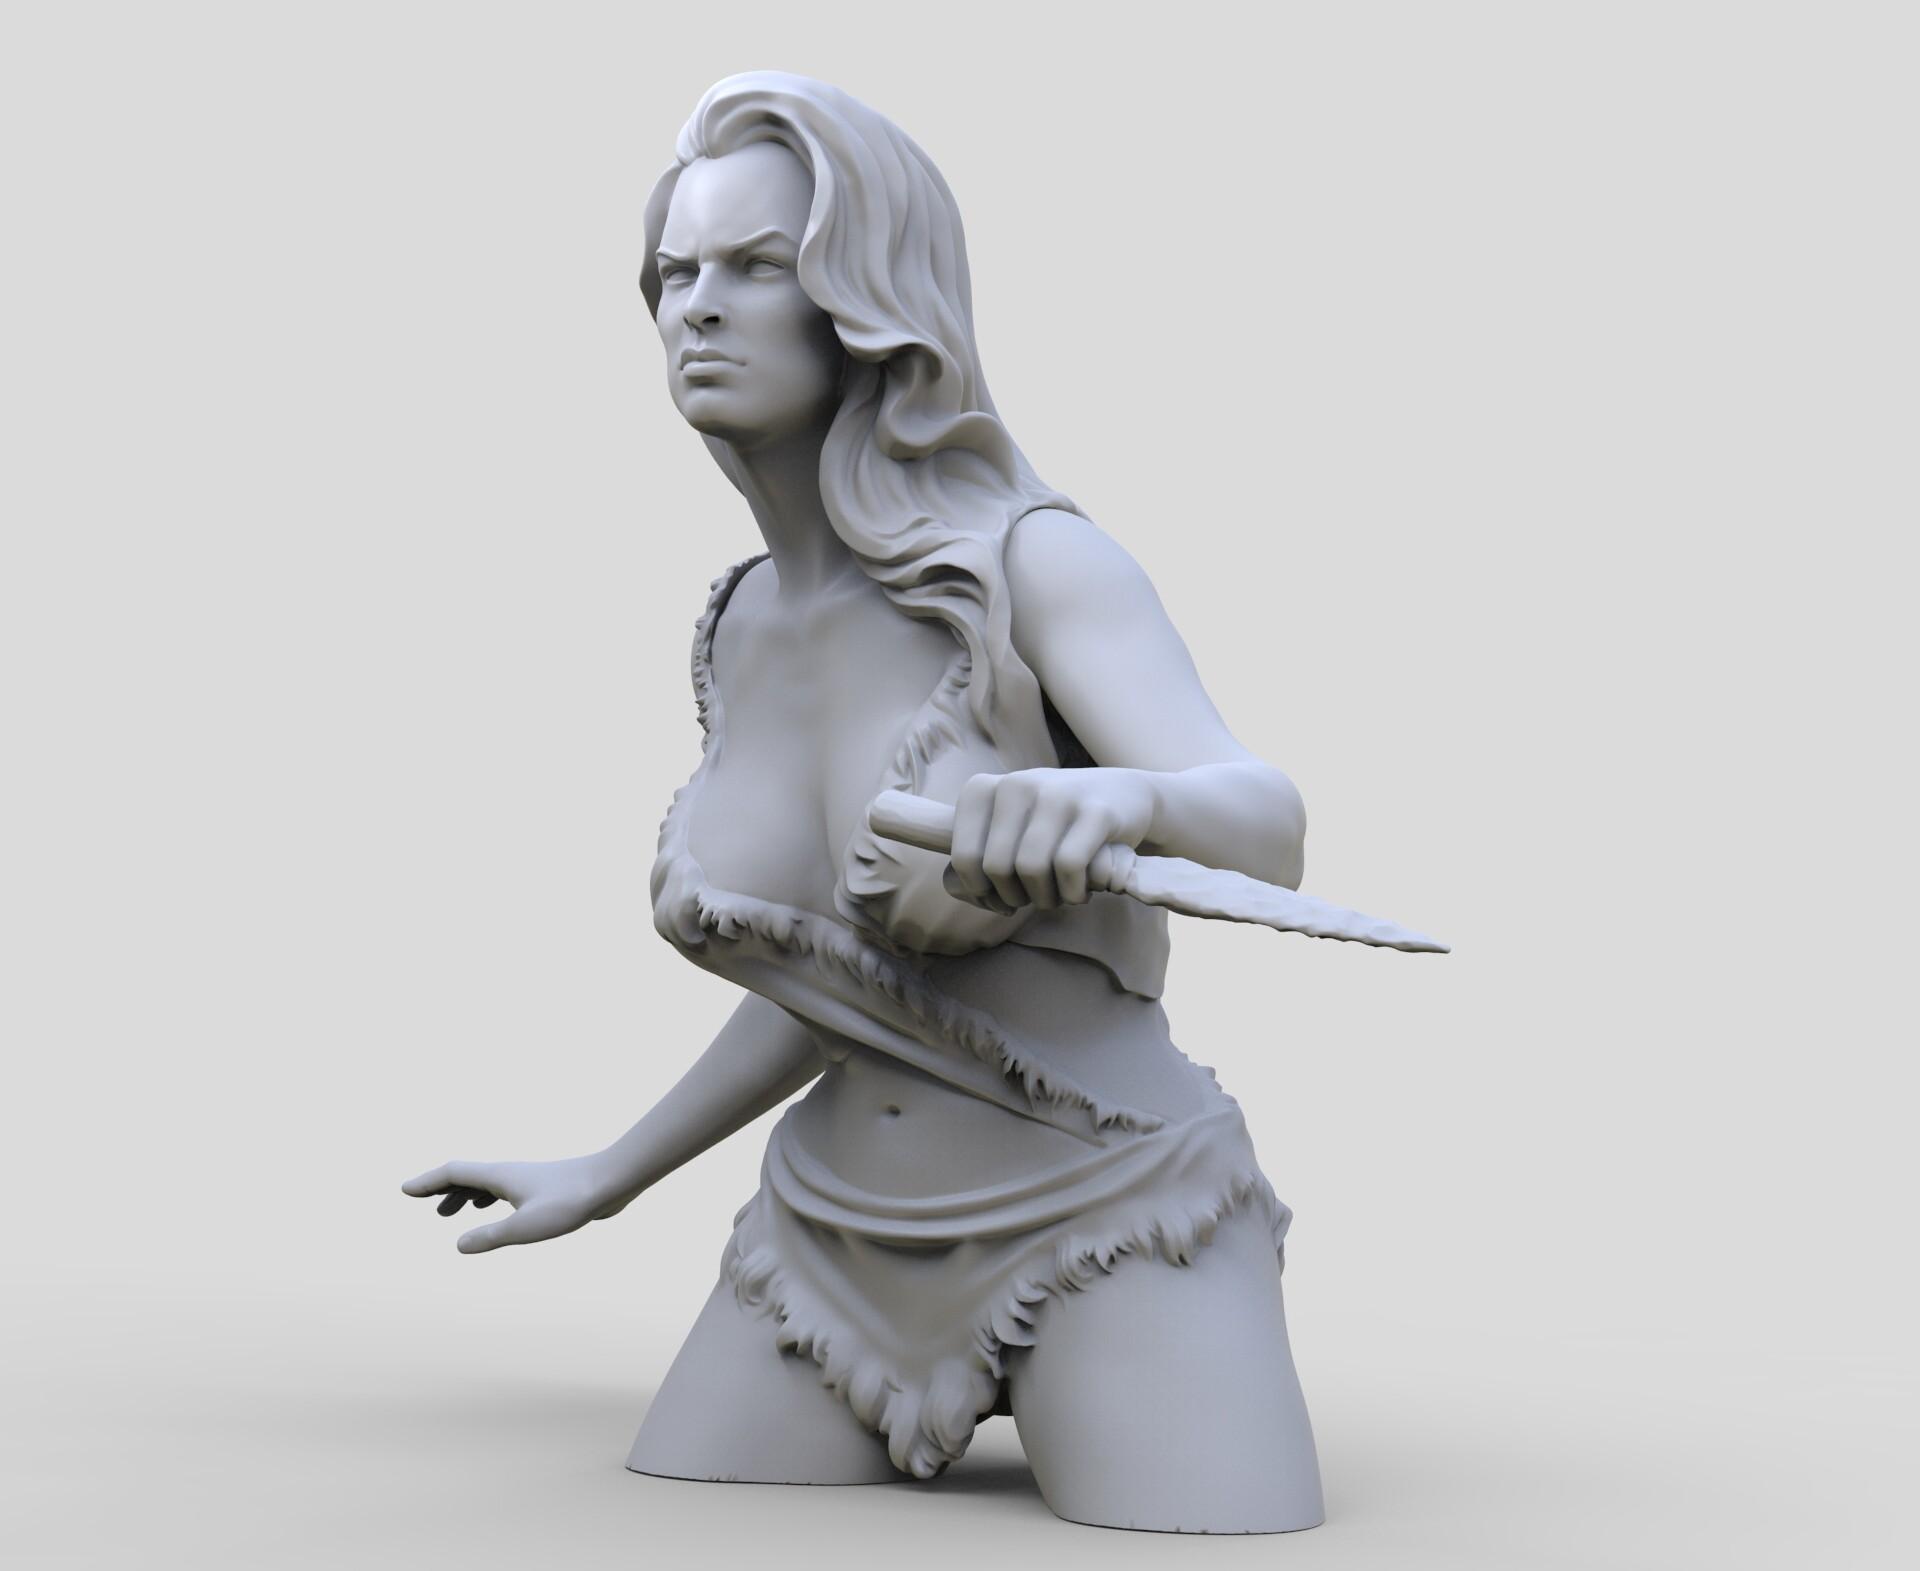 Andre de souza cavegirl busto 5